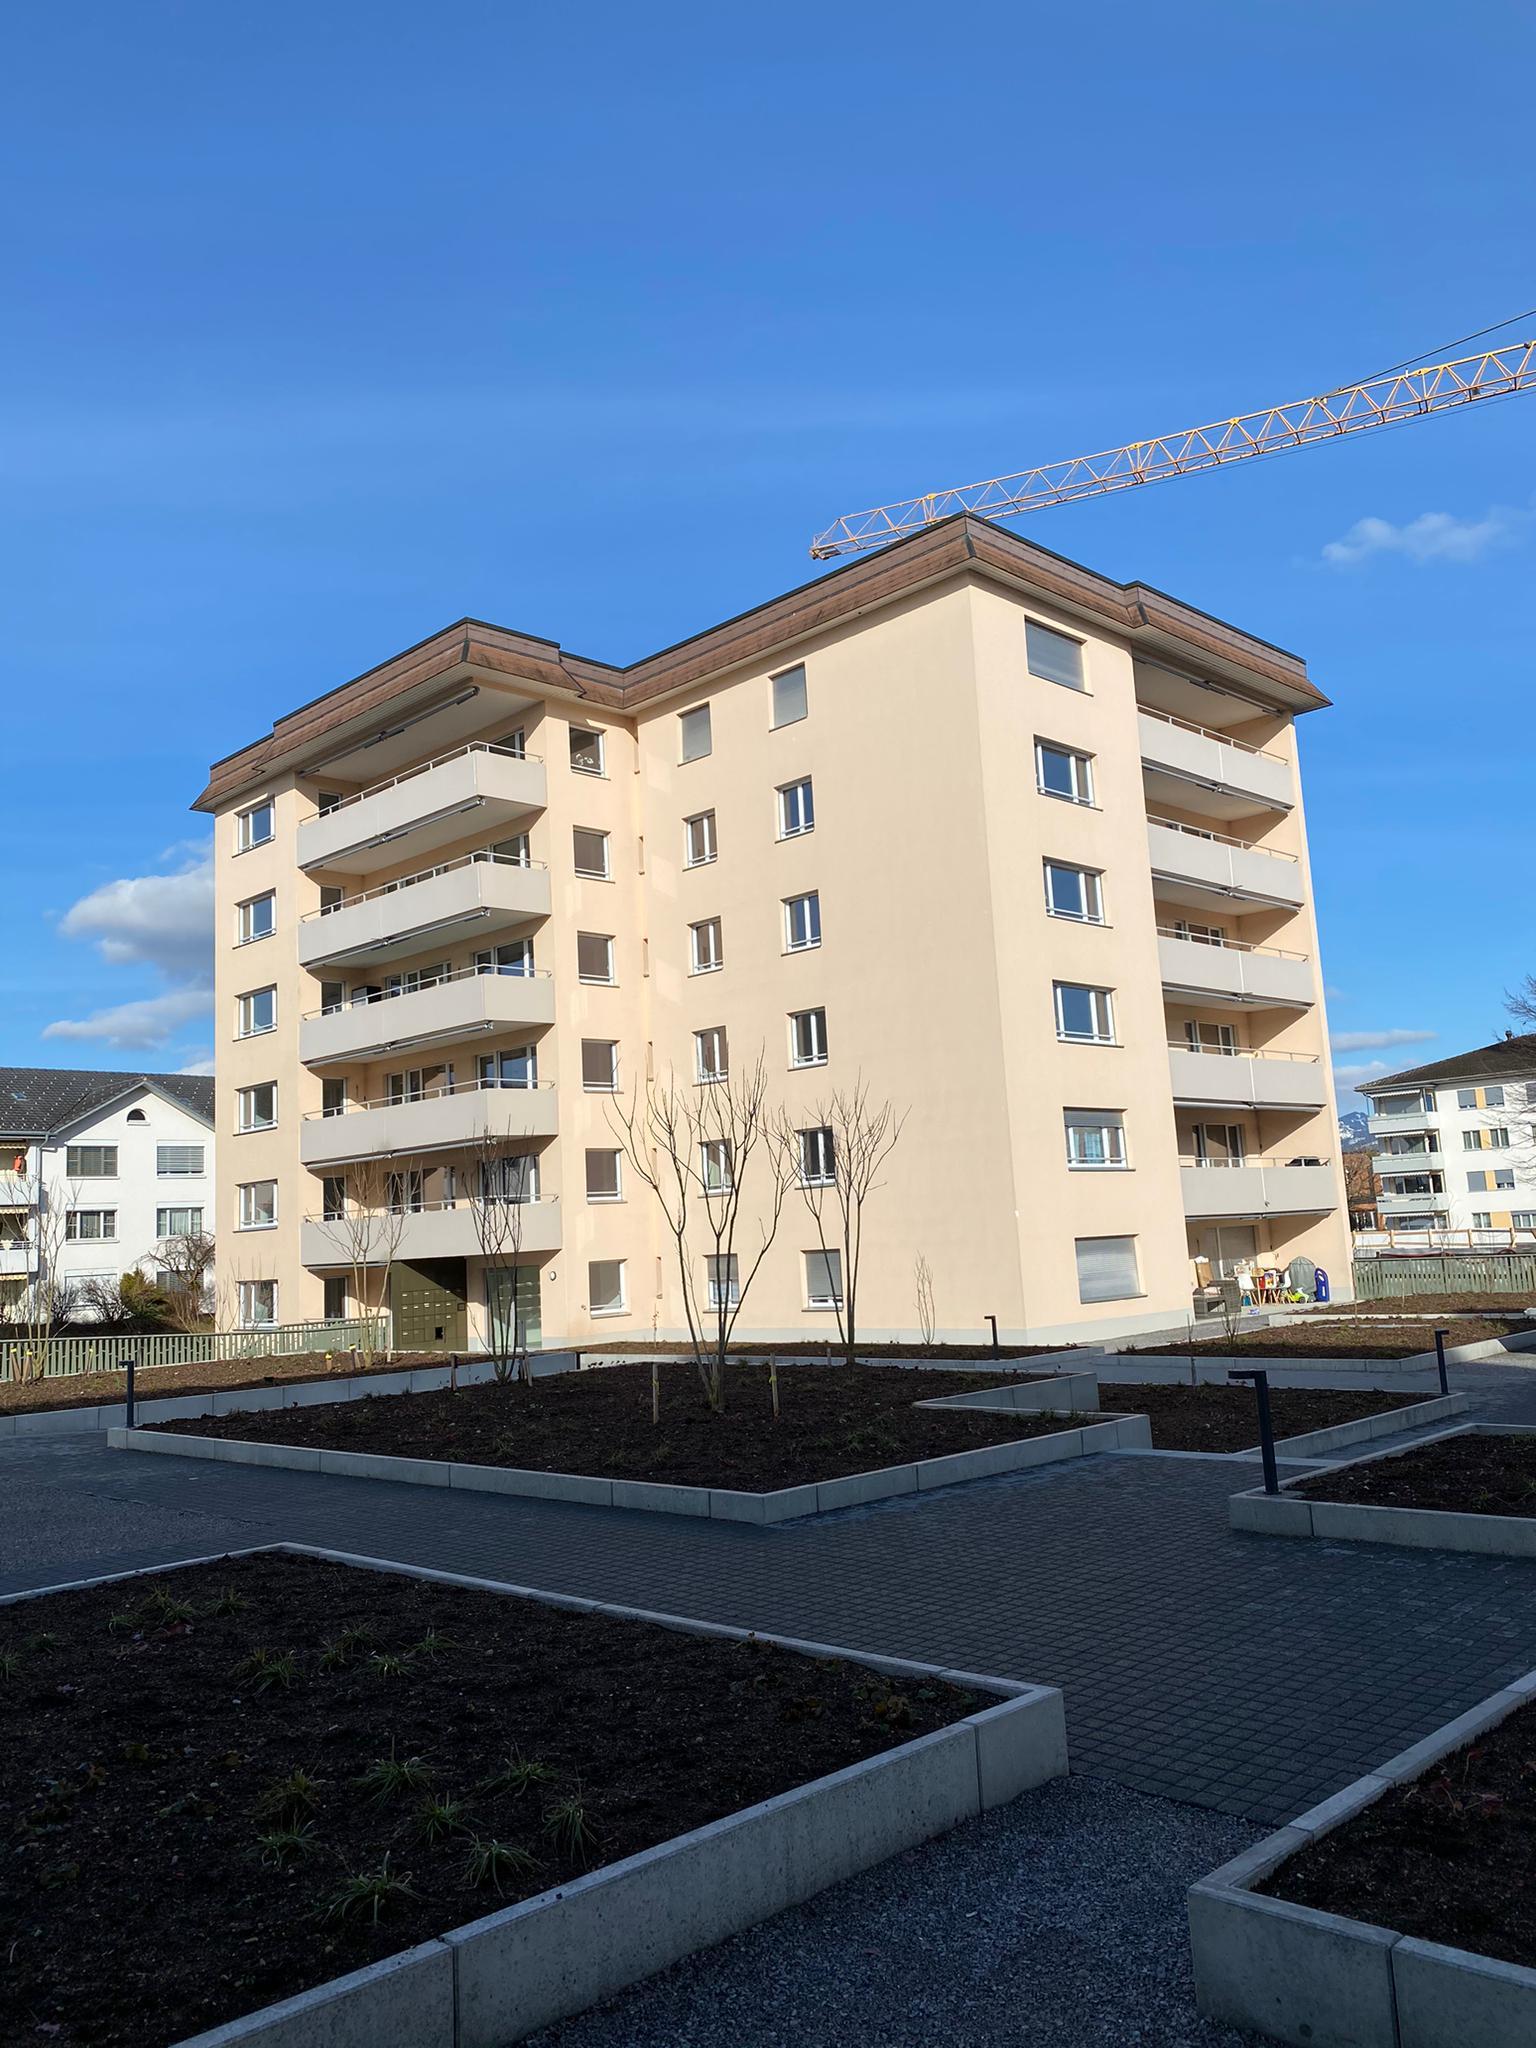 Eichfeldstrasse 68 Wohnungen